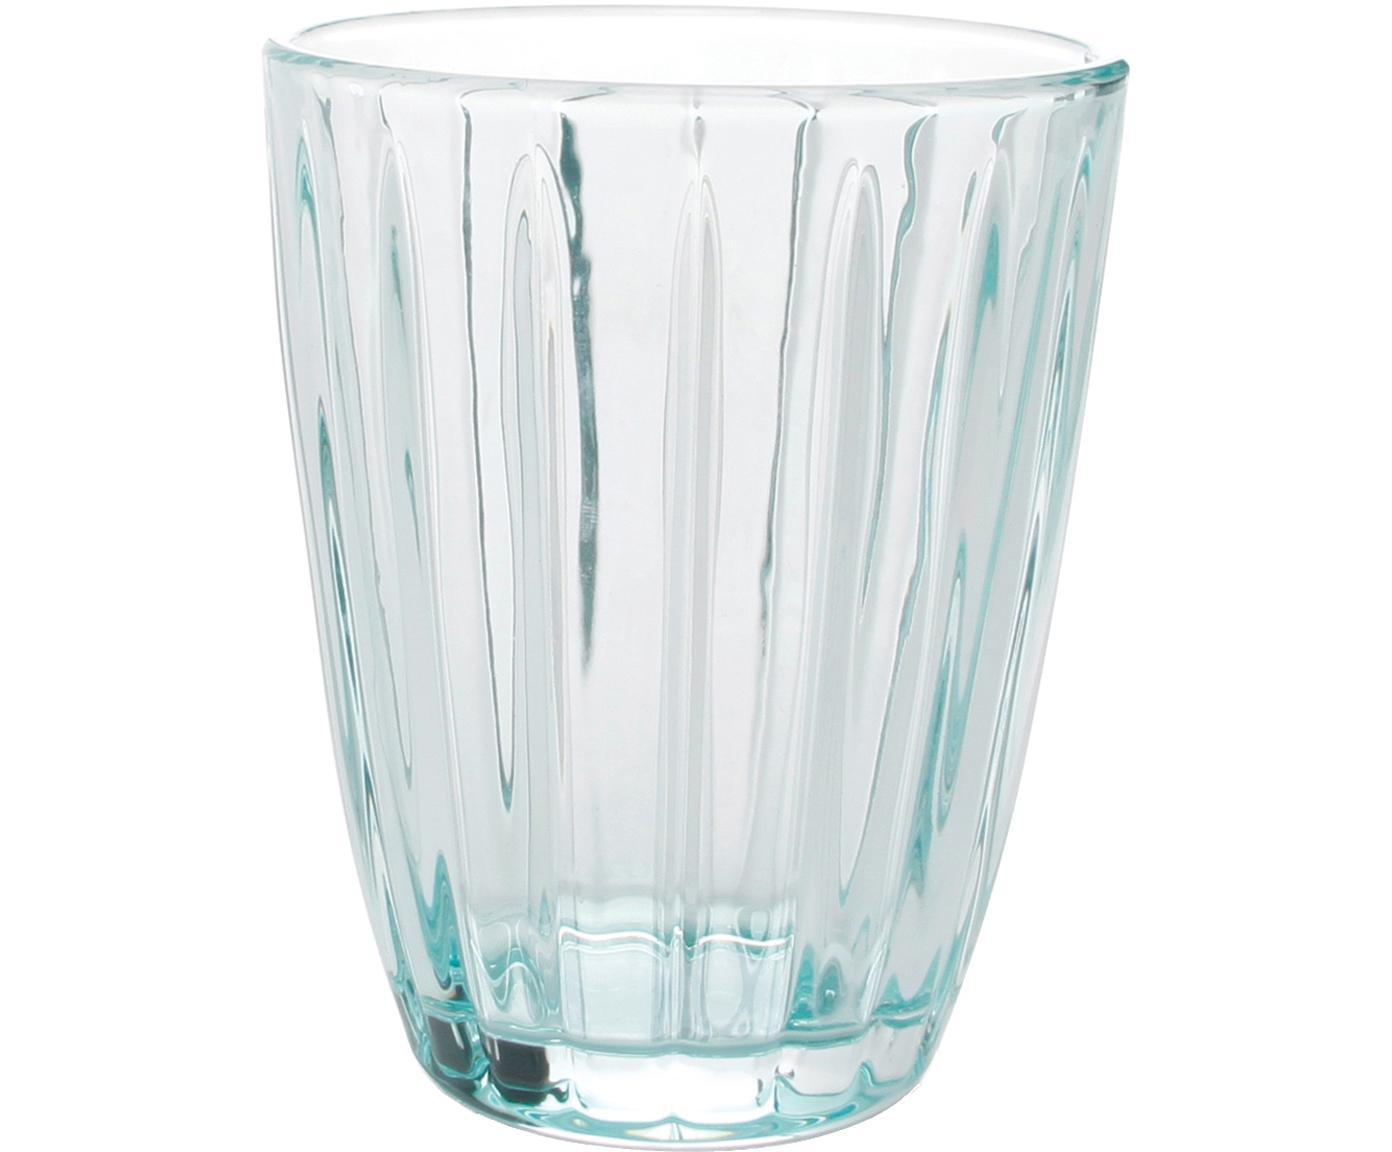 Szklanka do wody Zefir, 4 szt., Szkło, Niebieski, Ø 8 x W 10 cm